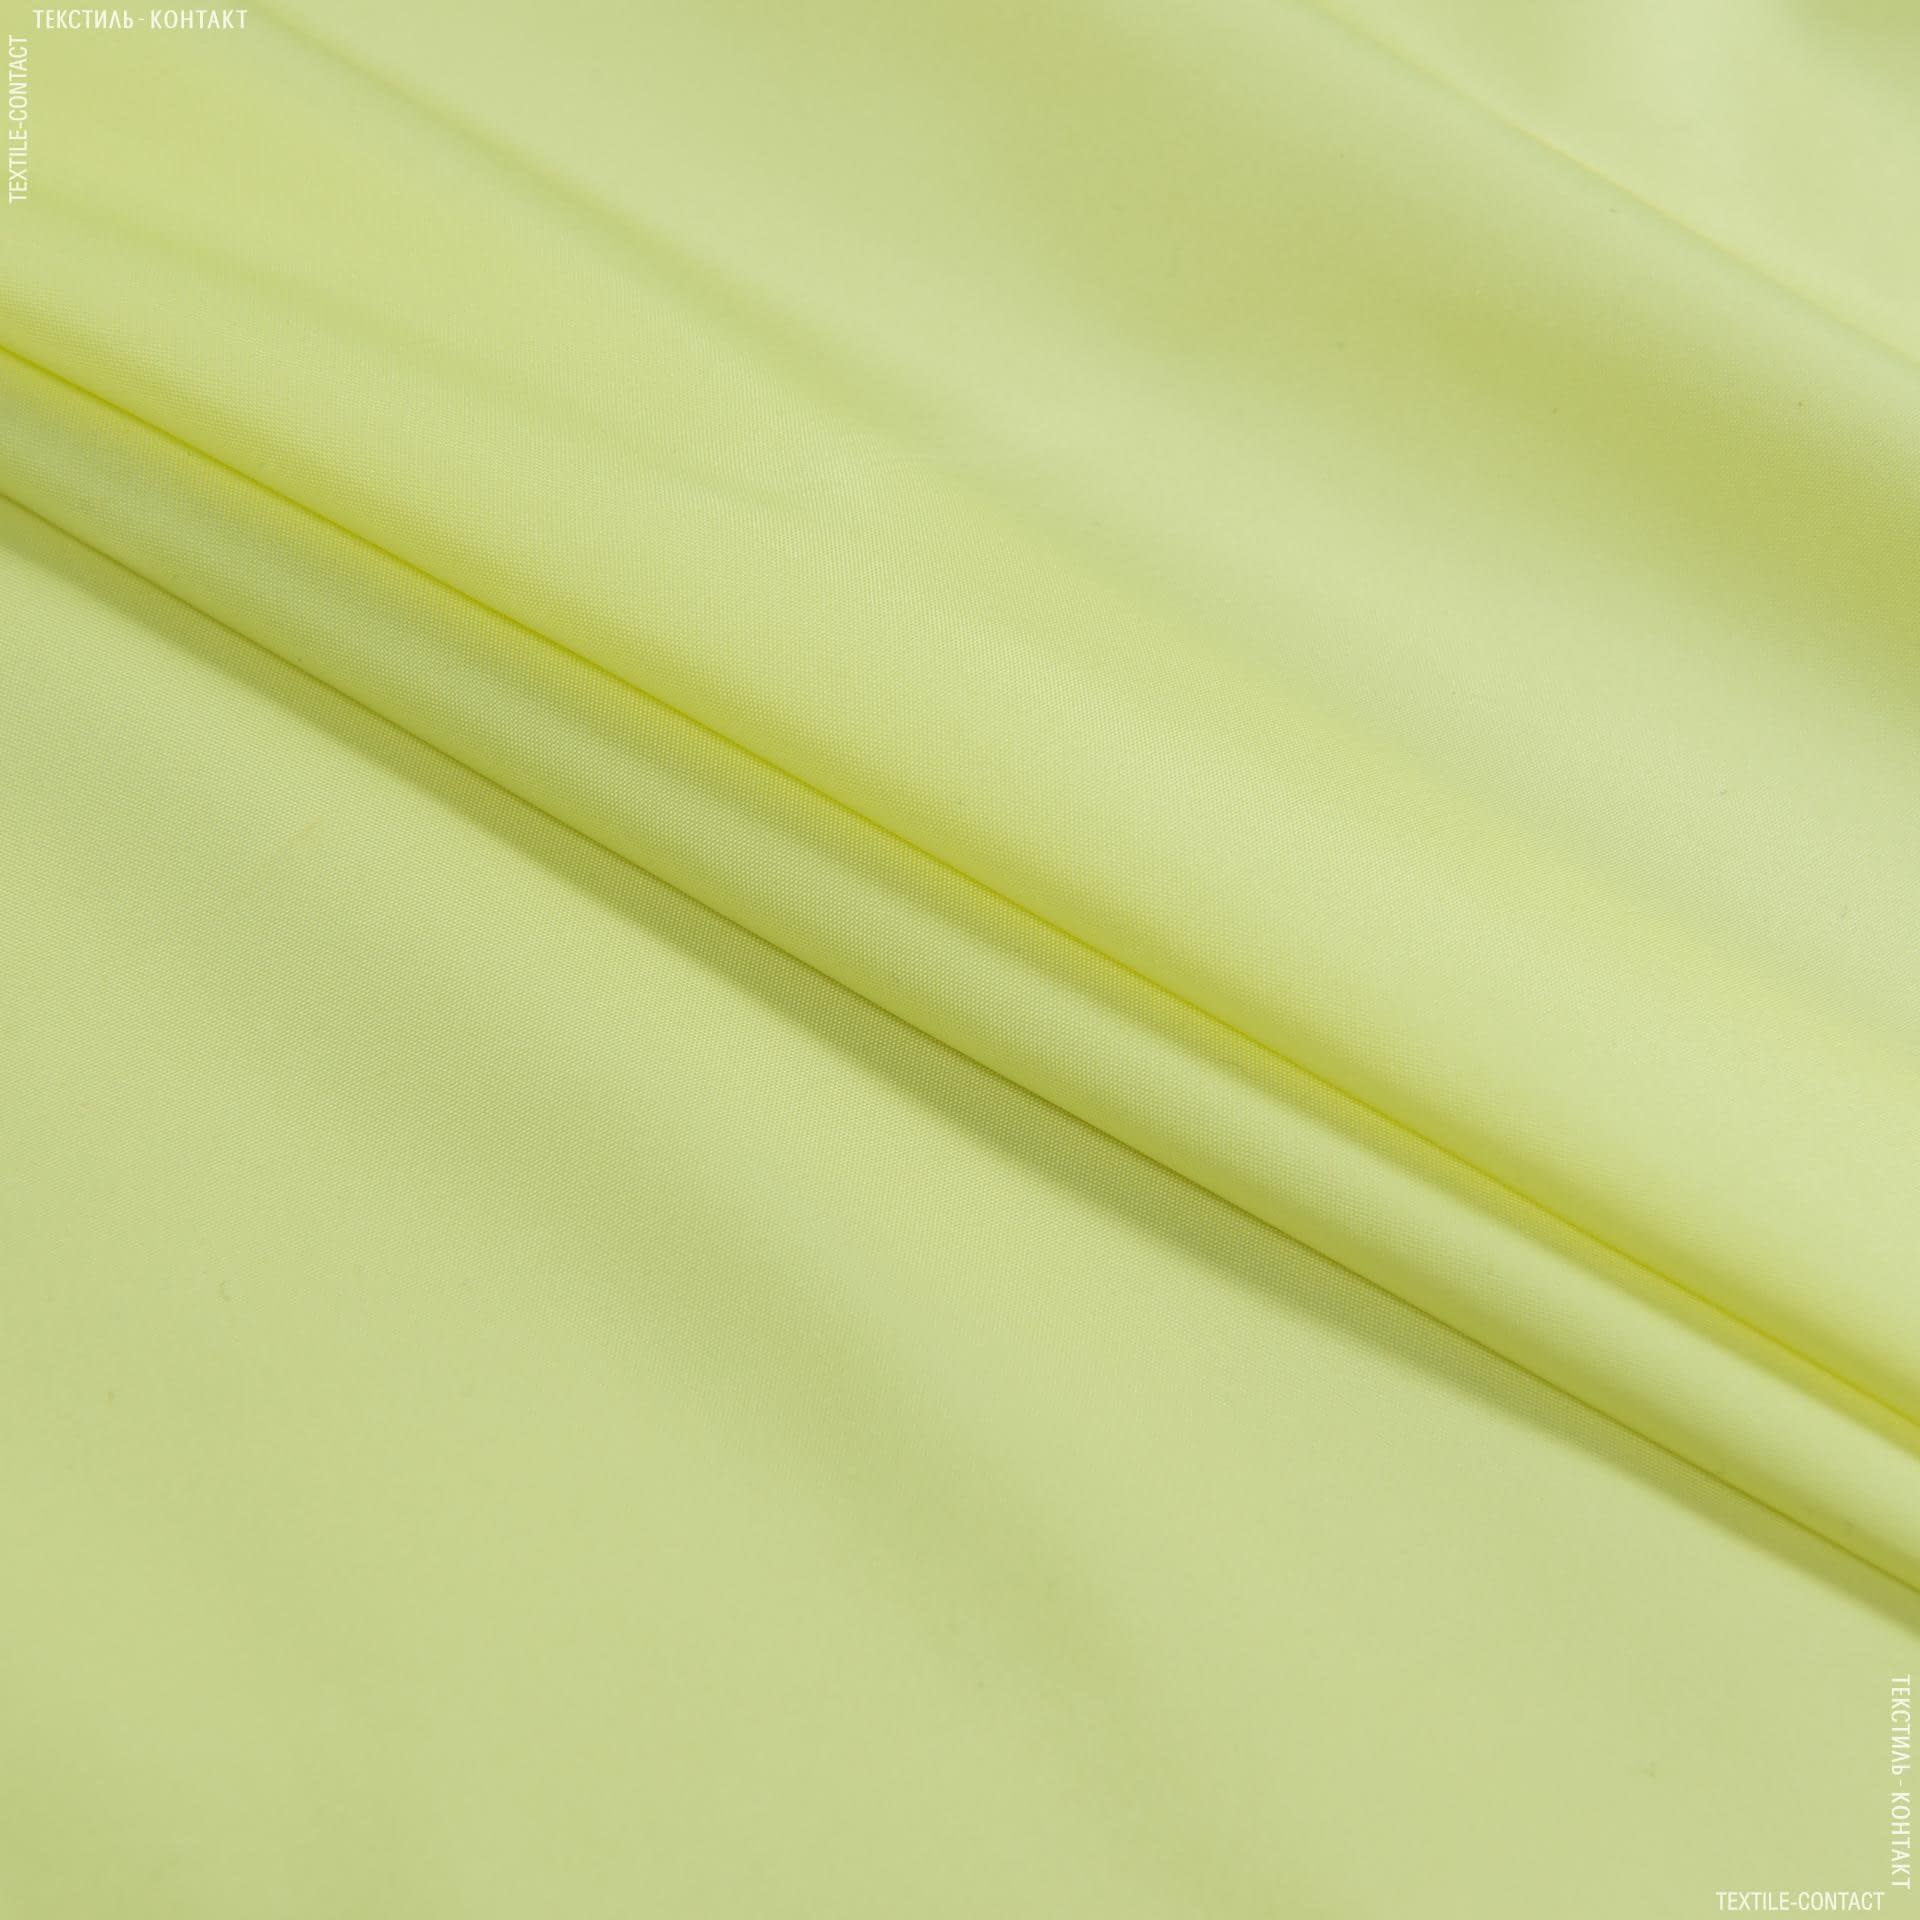 Ткани для верхней одежды - Плащевая руби лаке светло-лимонный